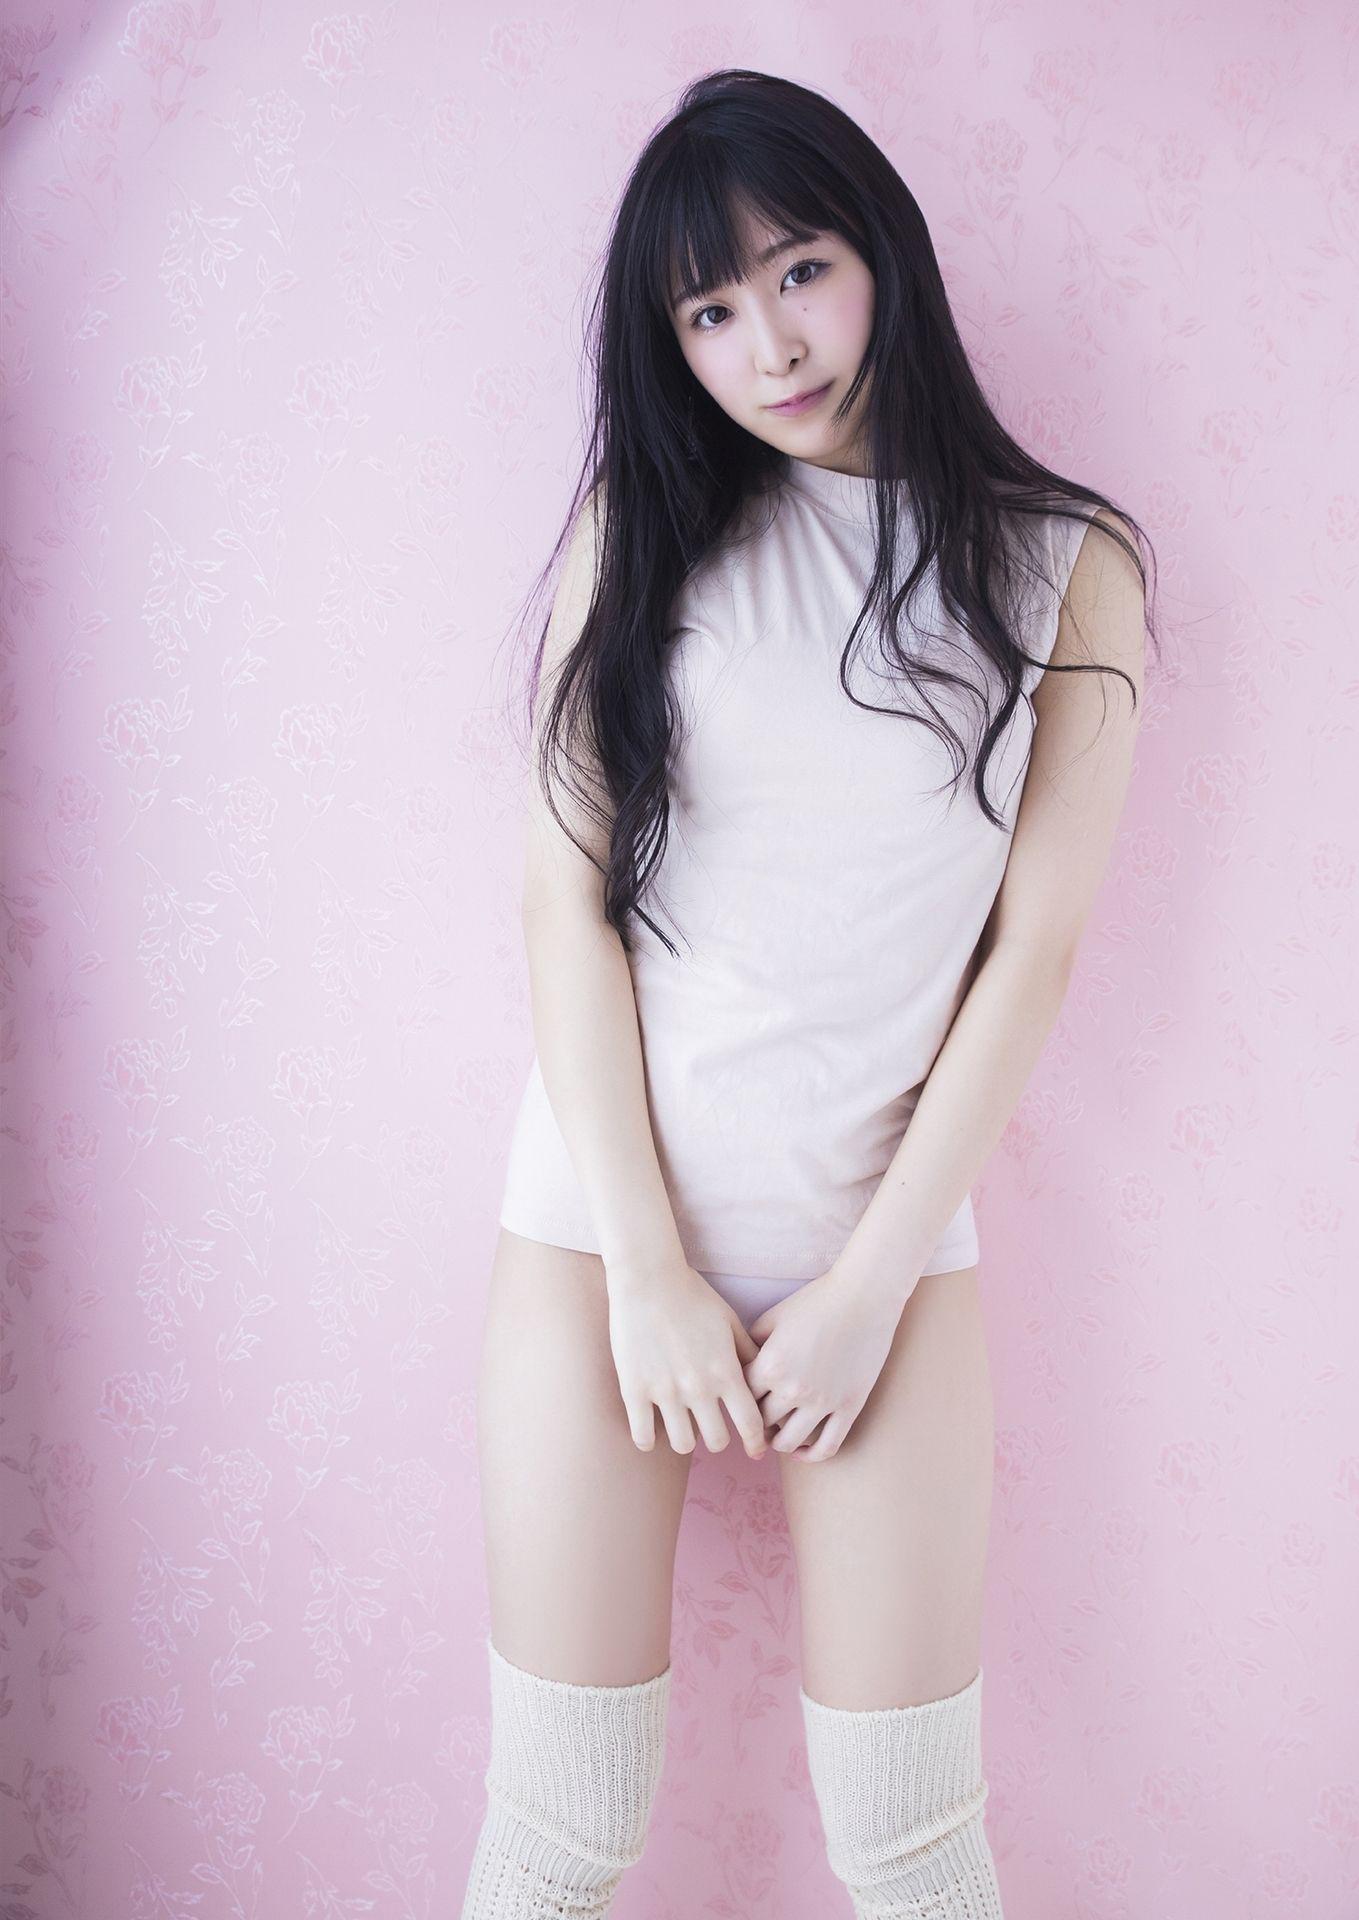 The Secret Garden of a Mysterious Girl Naomi Mashima018